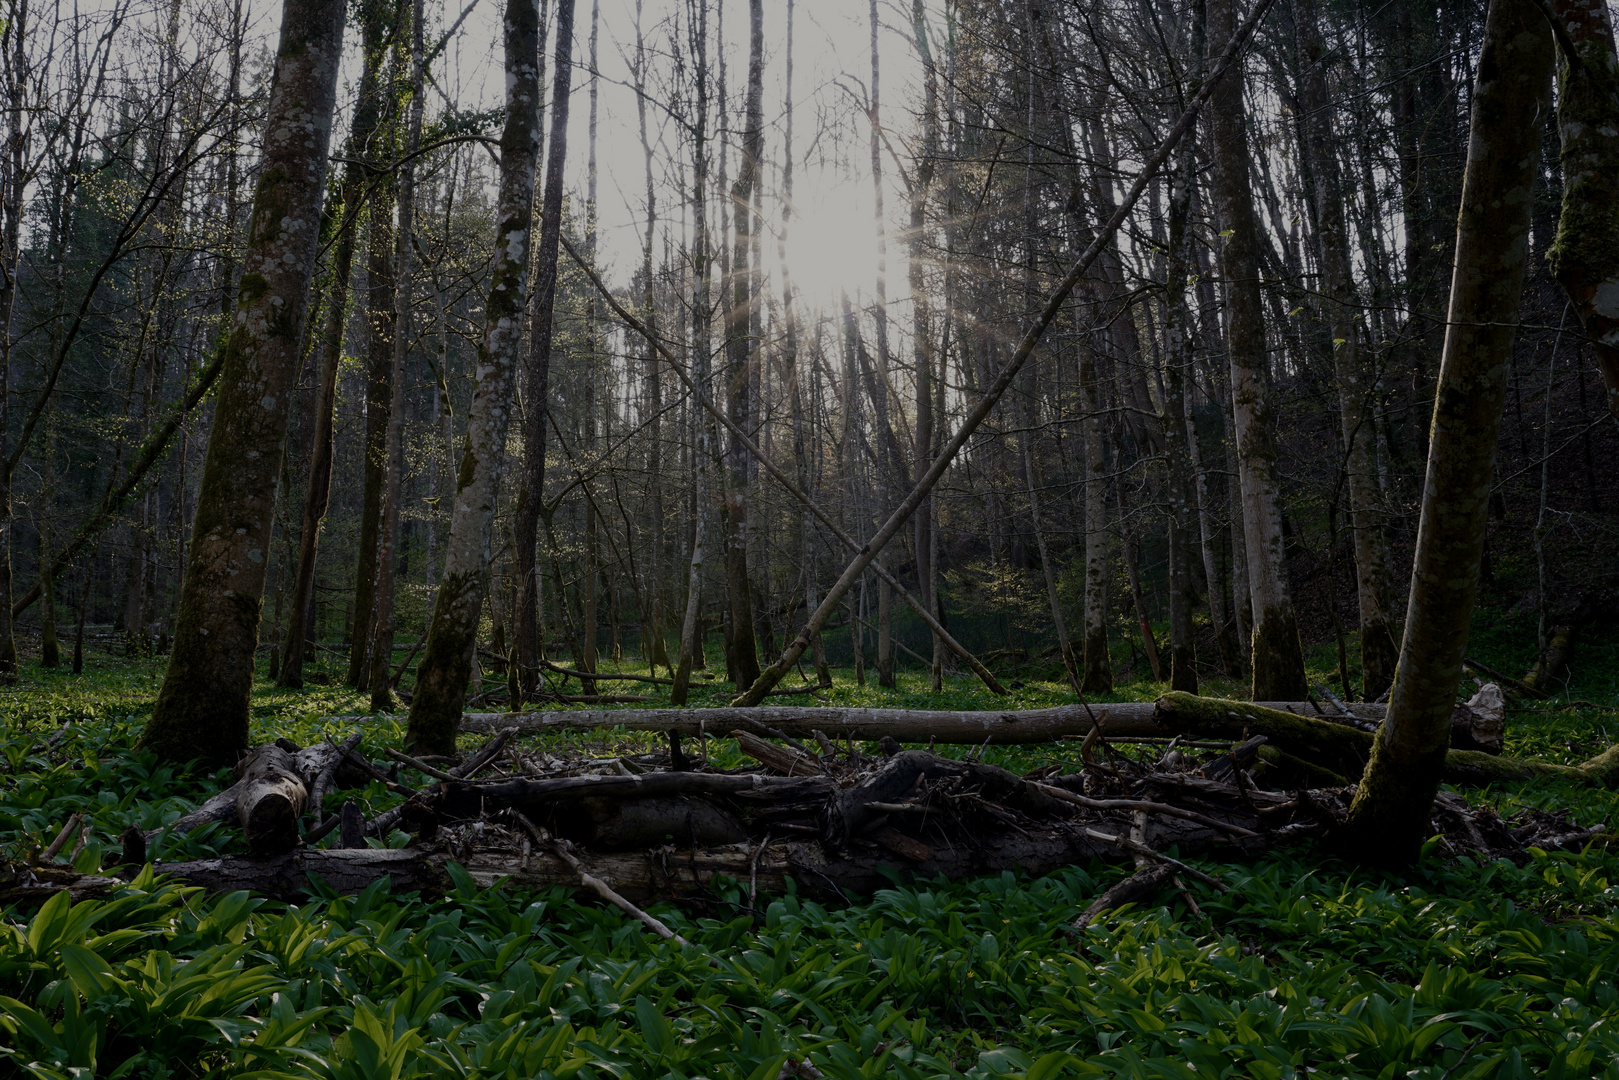 Solange das Walddach noch das Sonnenlicht durchlässt